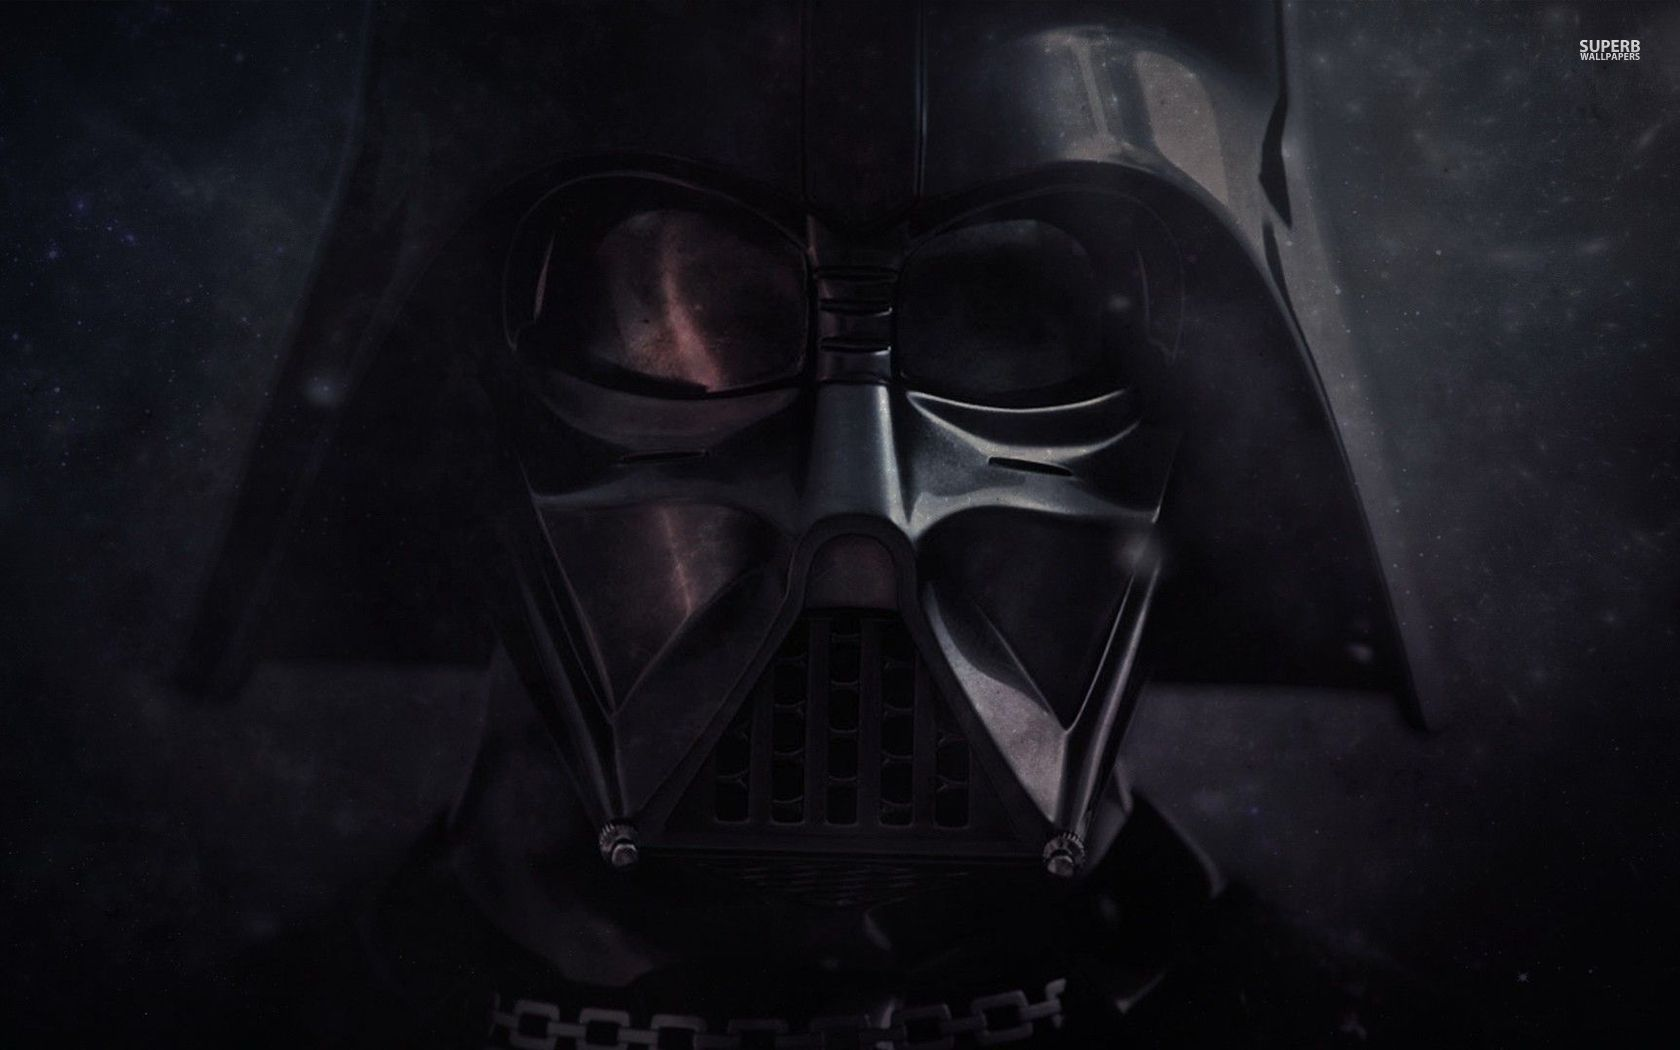 Darth Vader wallpaper 1680x1050 55682 1680x1050